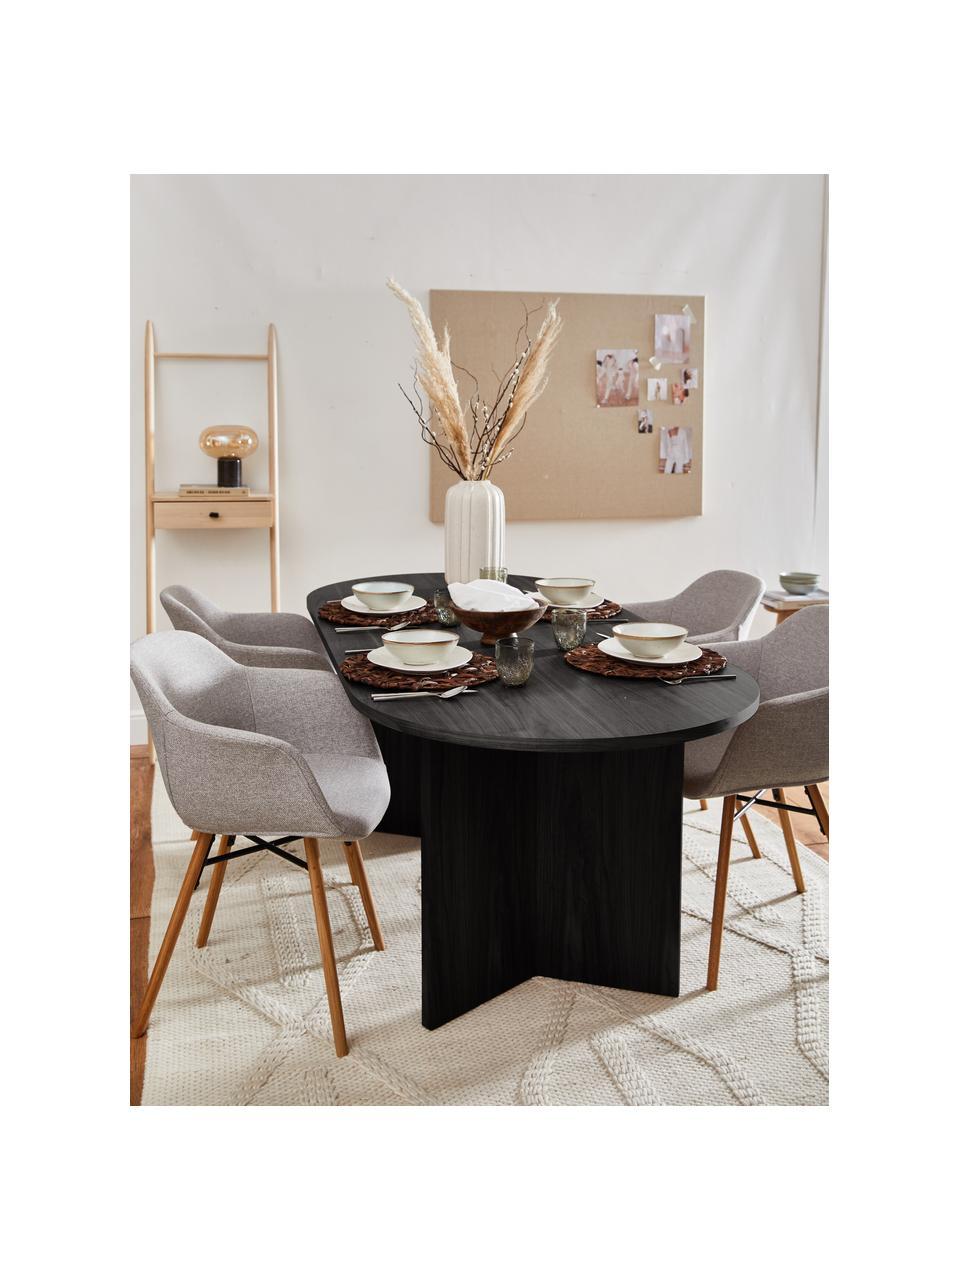 Tavolo ovale in legno Toni, 200 x 90 cm, Pannello di fibra a media densità (MDF) con finitura in quercia, verniciato, Finitura in legno di quercia nero verniciato, Larg. 200 x Prof. 90 cm